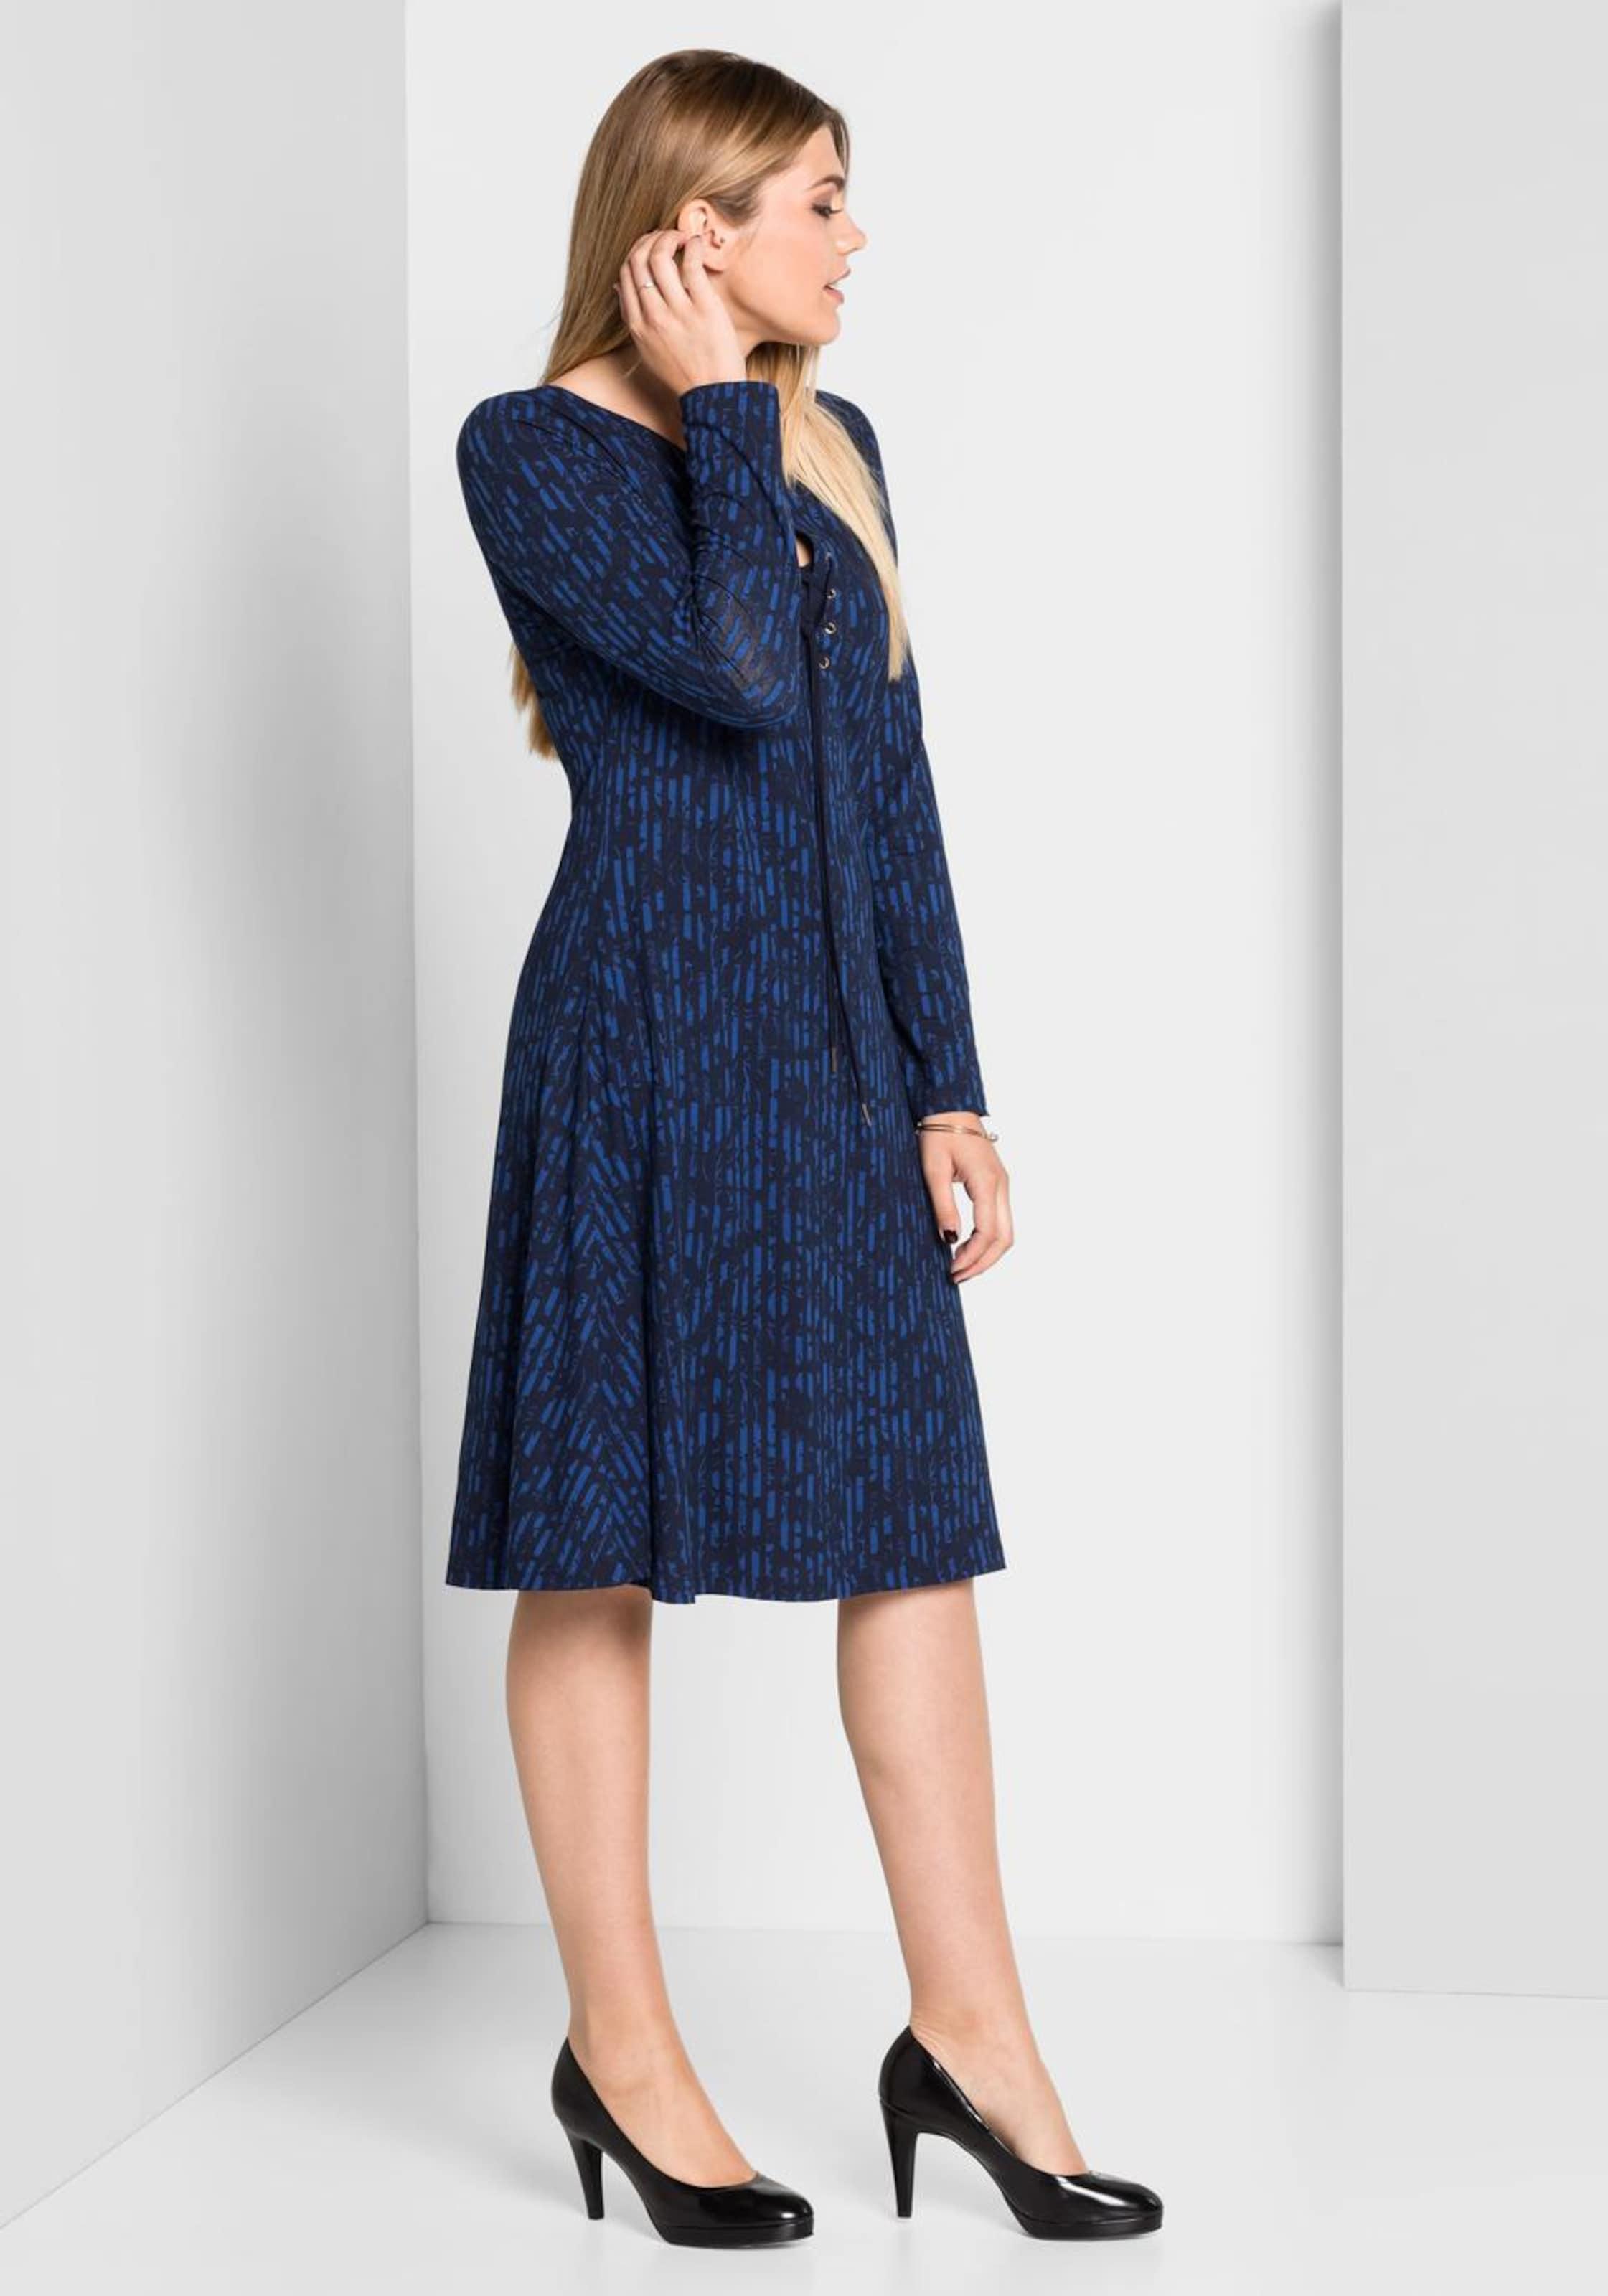 Günstig Kaufen Footlocker Billig Günstig Online sheego style Jerseykleid gqaTyi